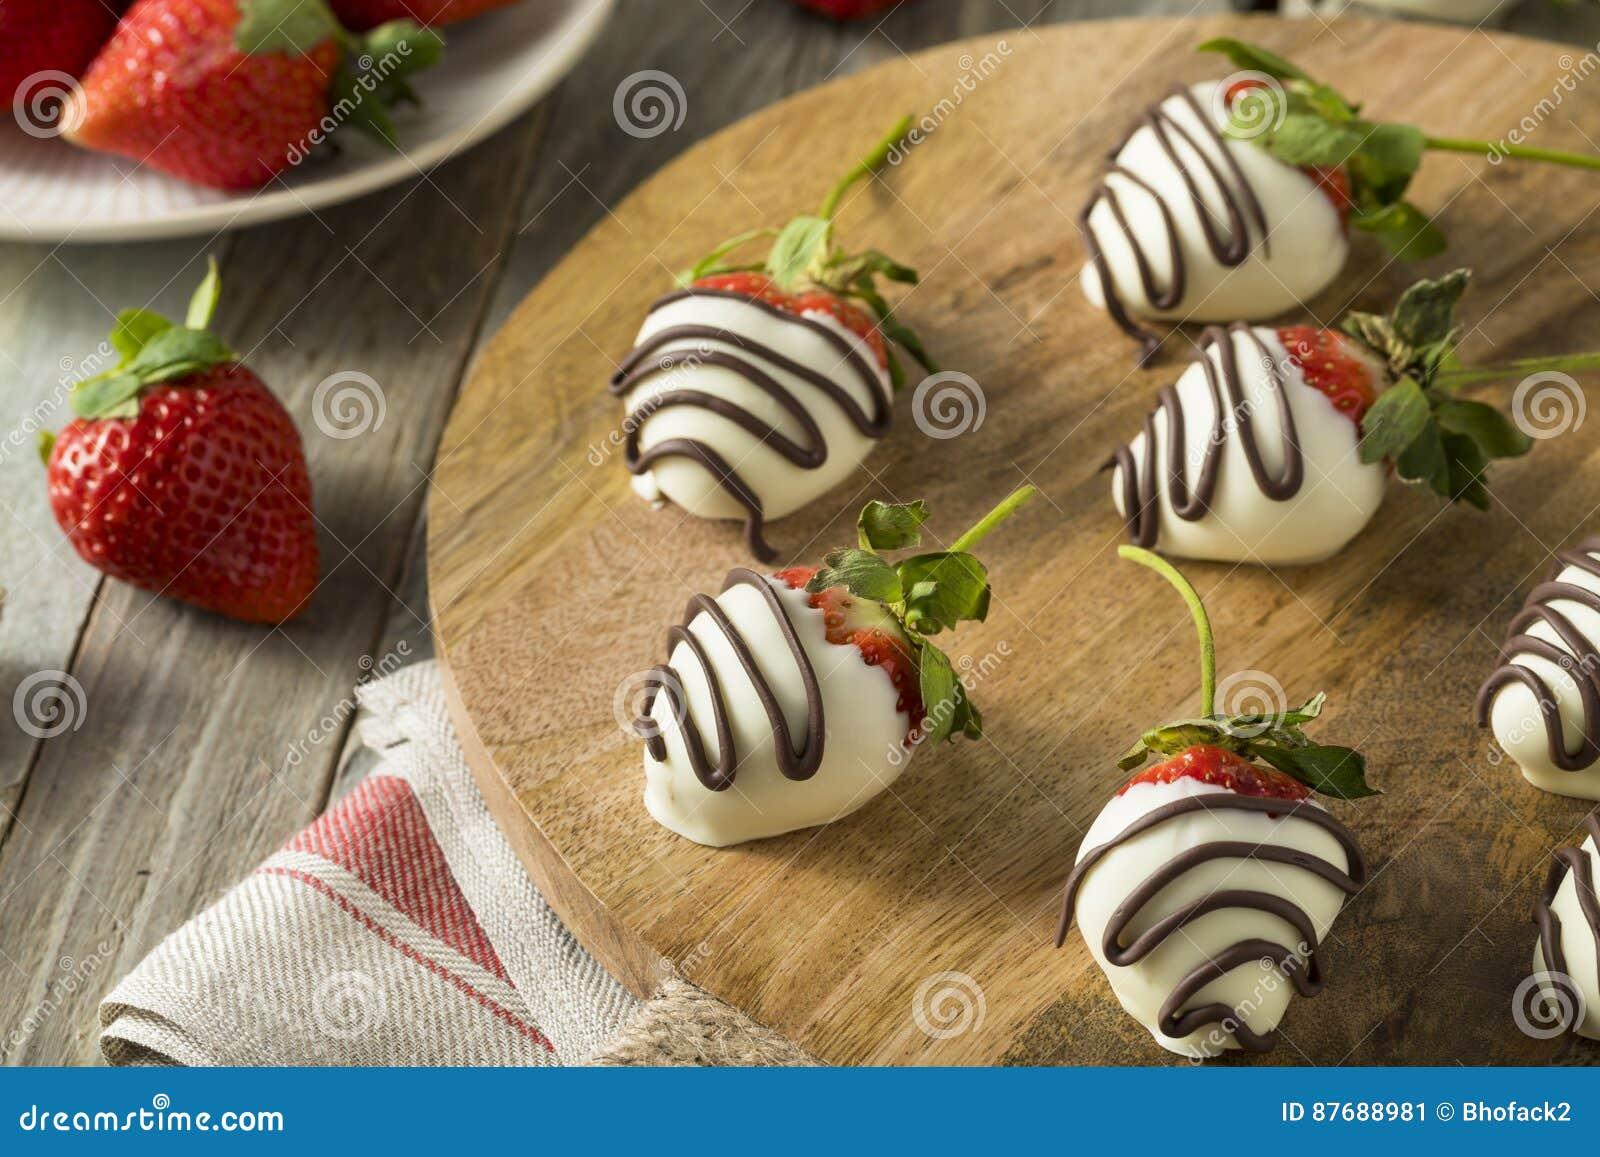 Homemade White Chocolate Covered Strawberries